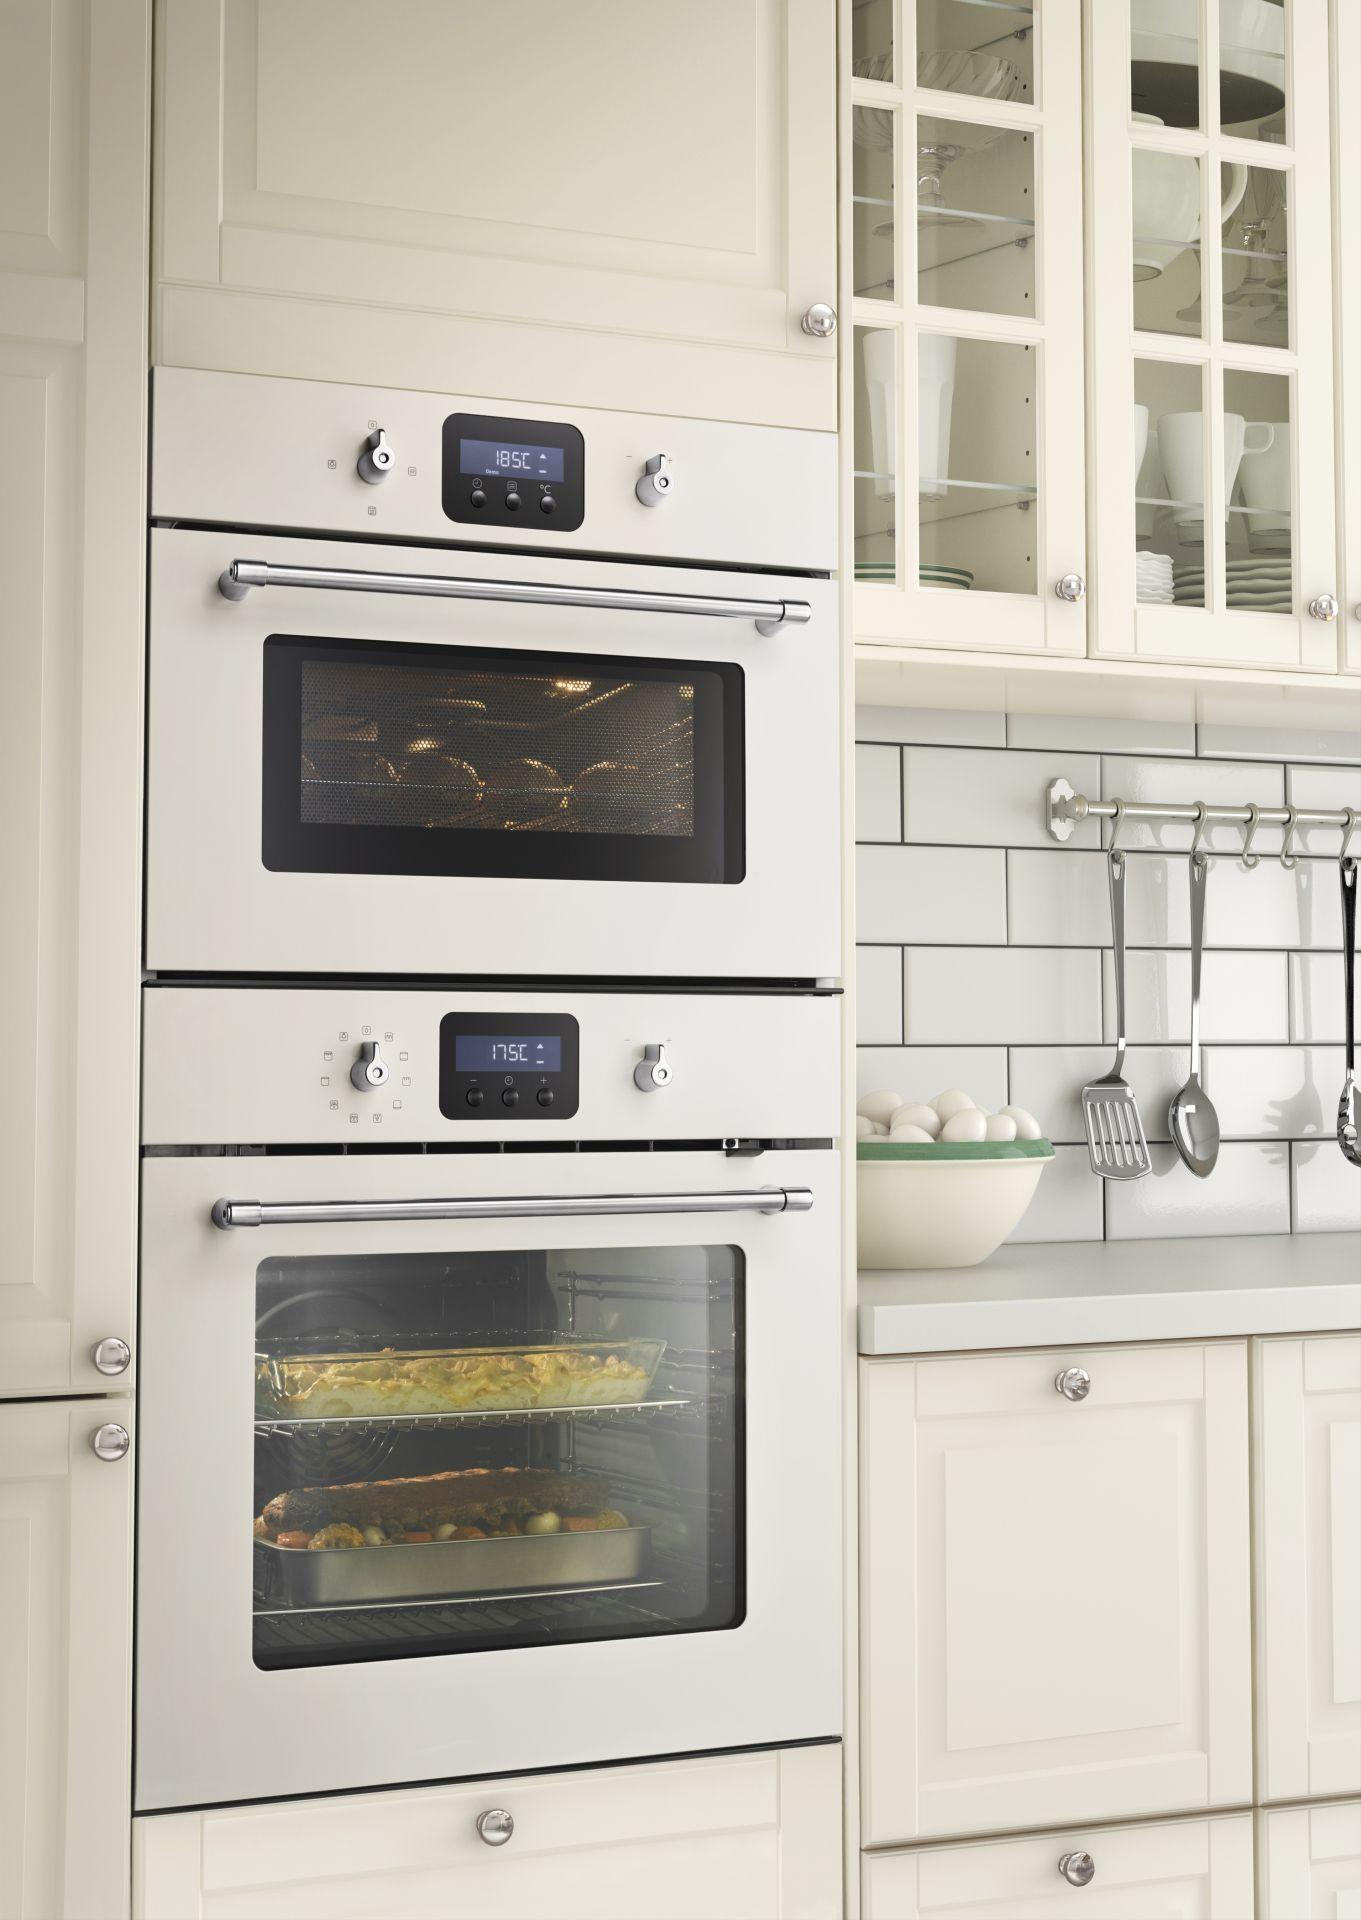 Ikea Deutschland Die Granslo Mikrowelle Und Ofen Bieten Eine